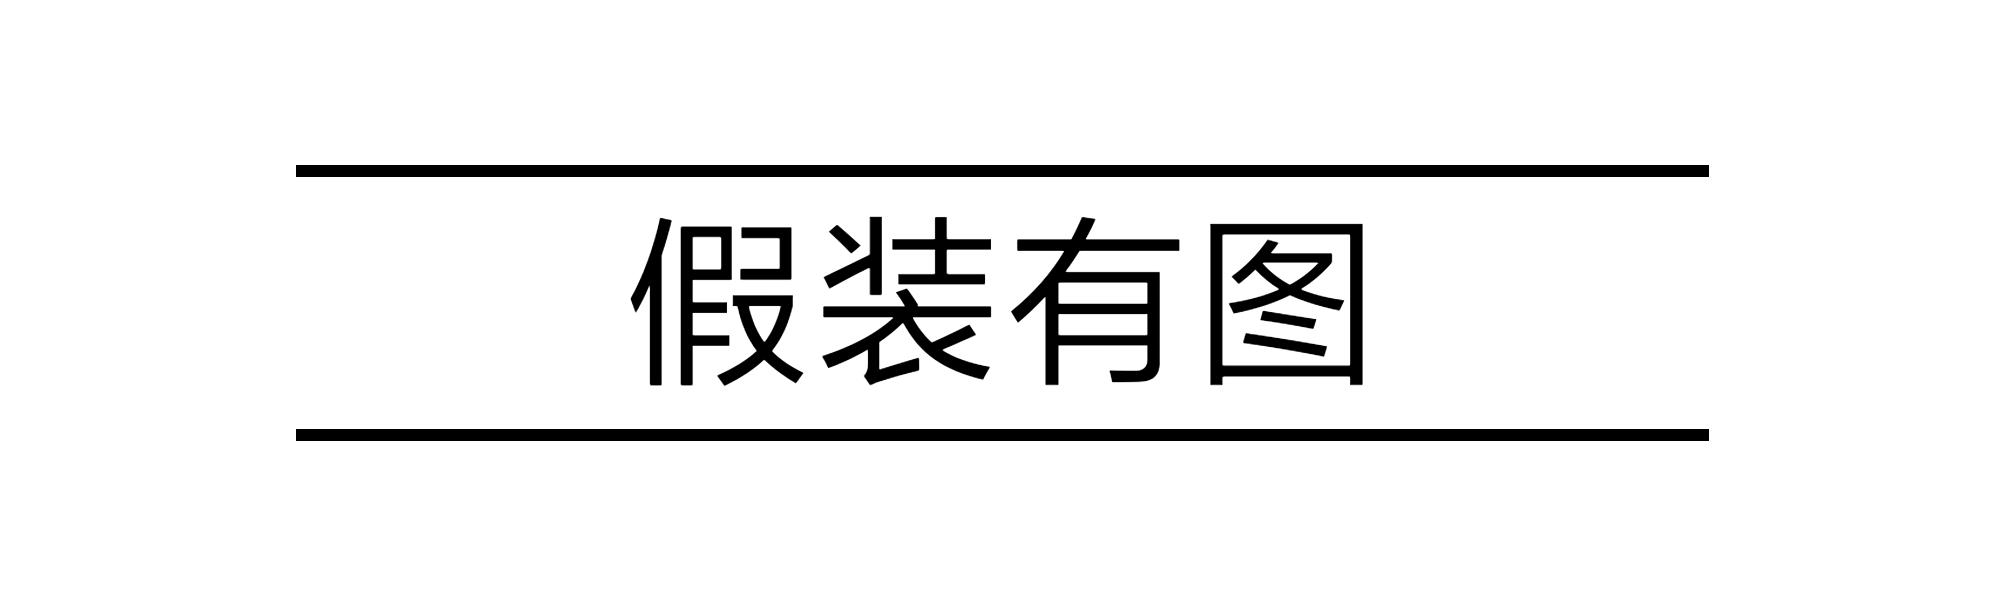 安卓熊猫大王卡扫号器破解版